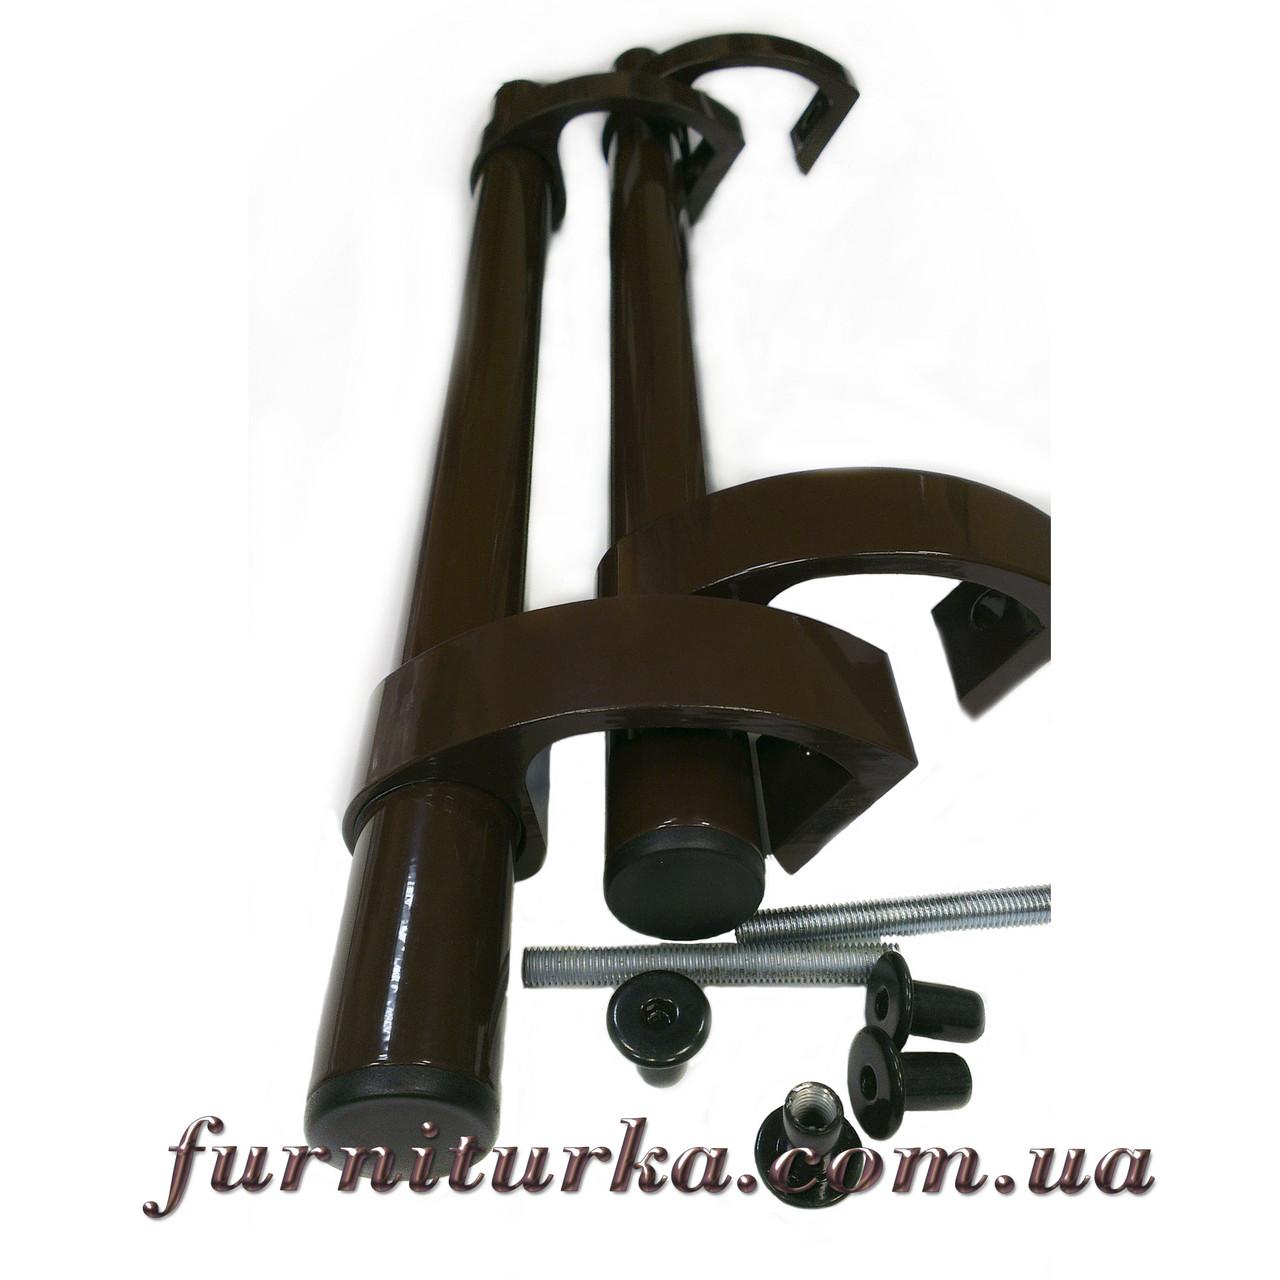 Ручка офисная коричневая 500 мм (Украина)